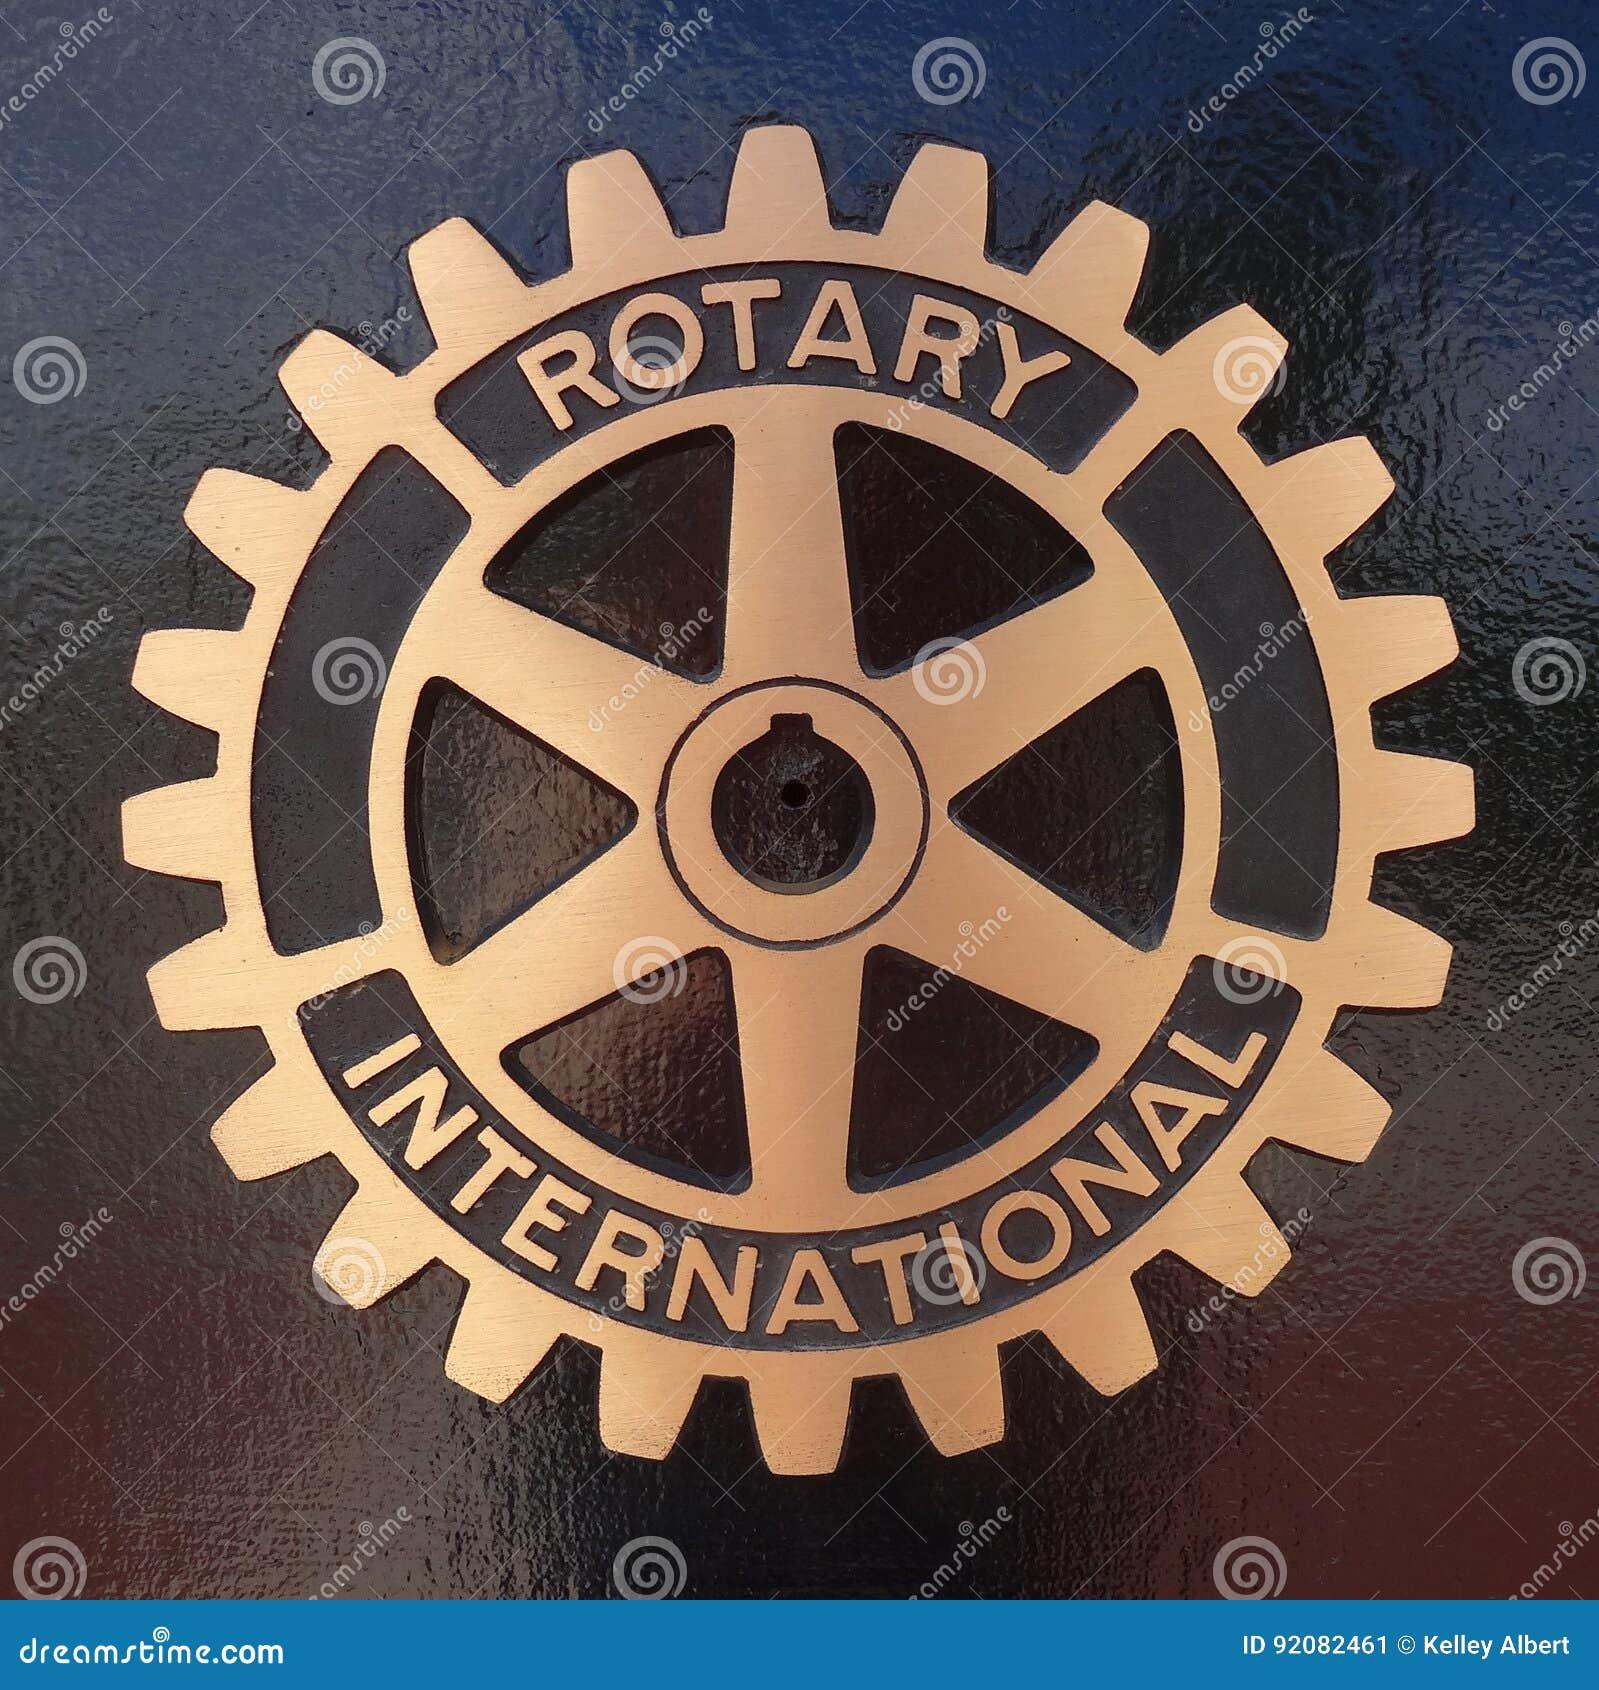 Символ и металлическая пластинка роторного клуба международный